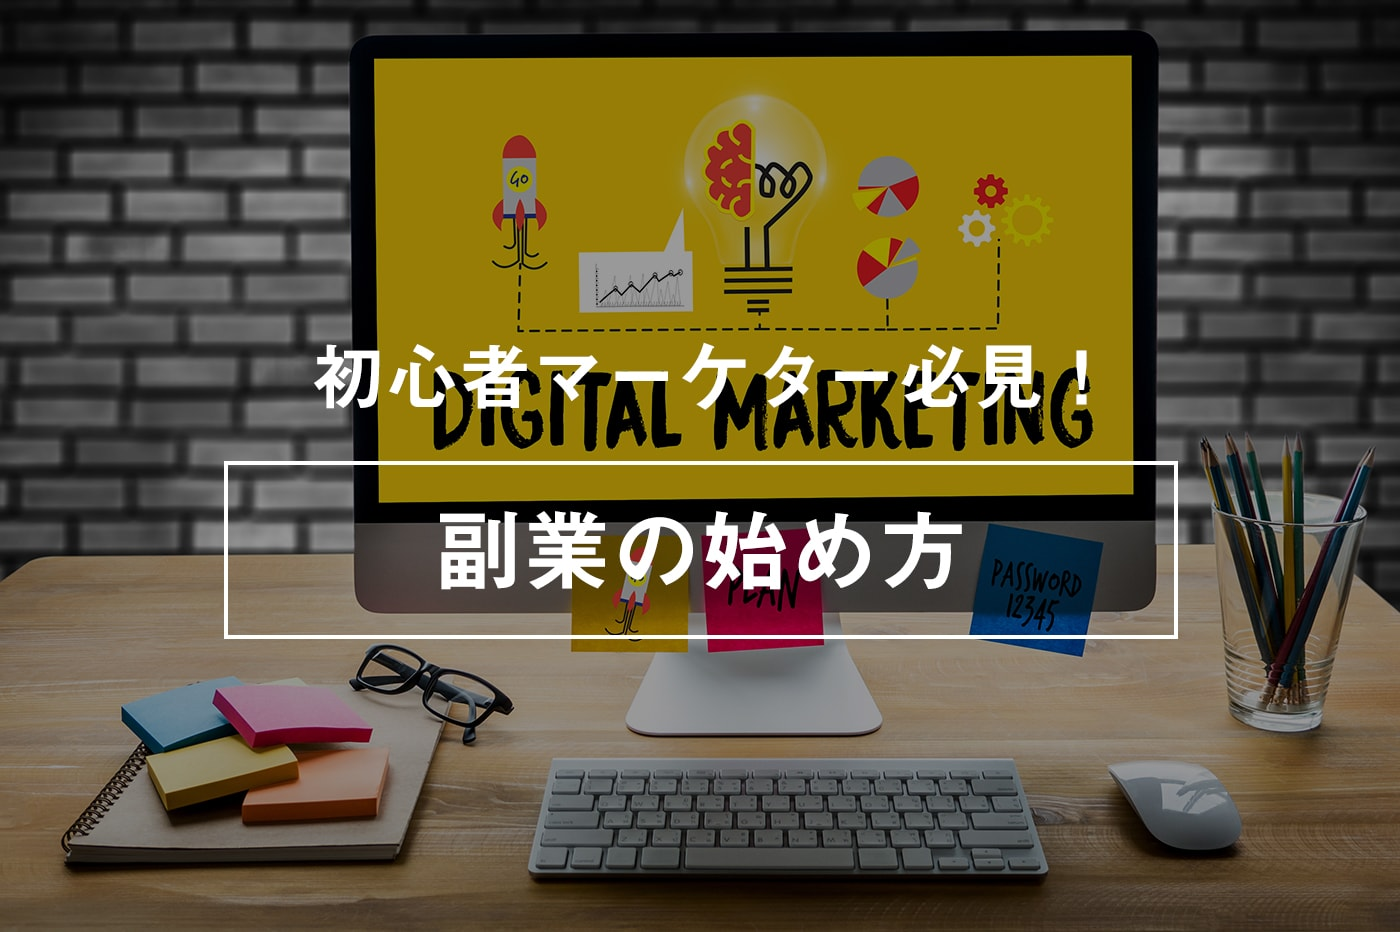 【初心者向け】Webマーケティングの副業を始め方を実体験で解説!【案件獲得まで】